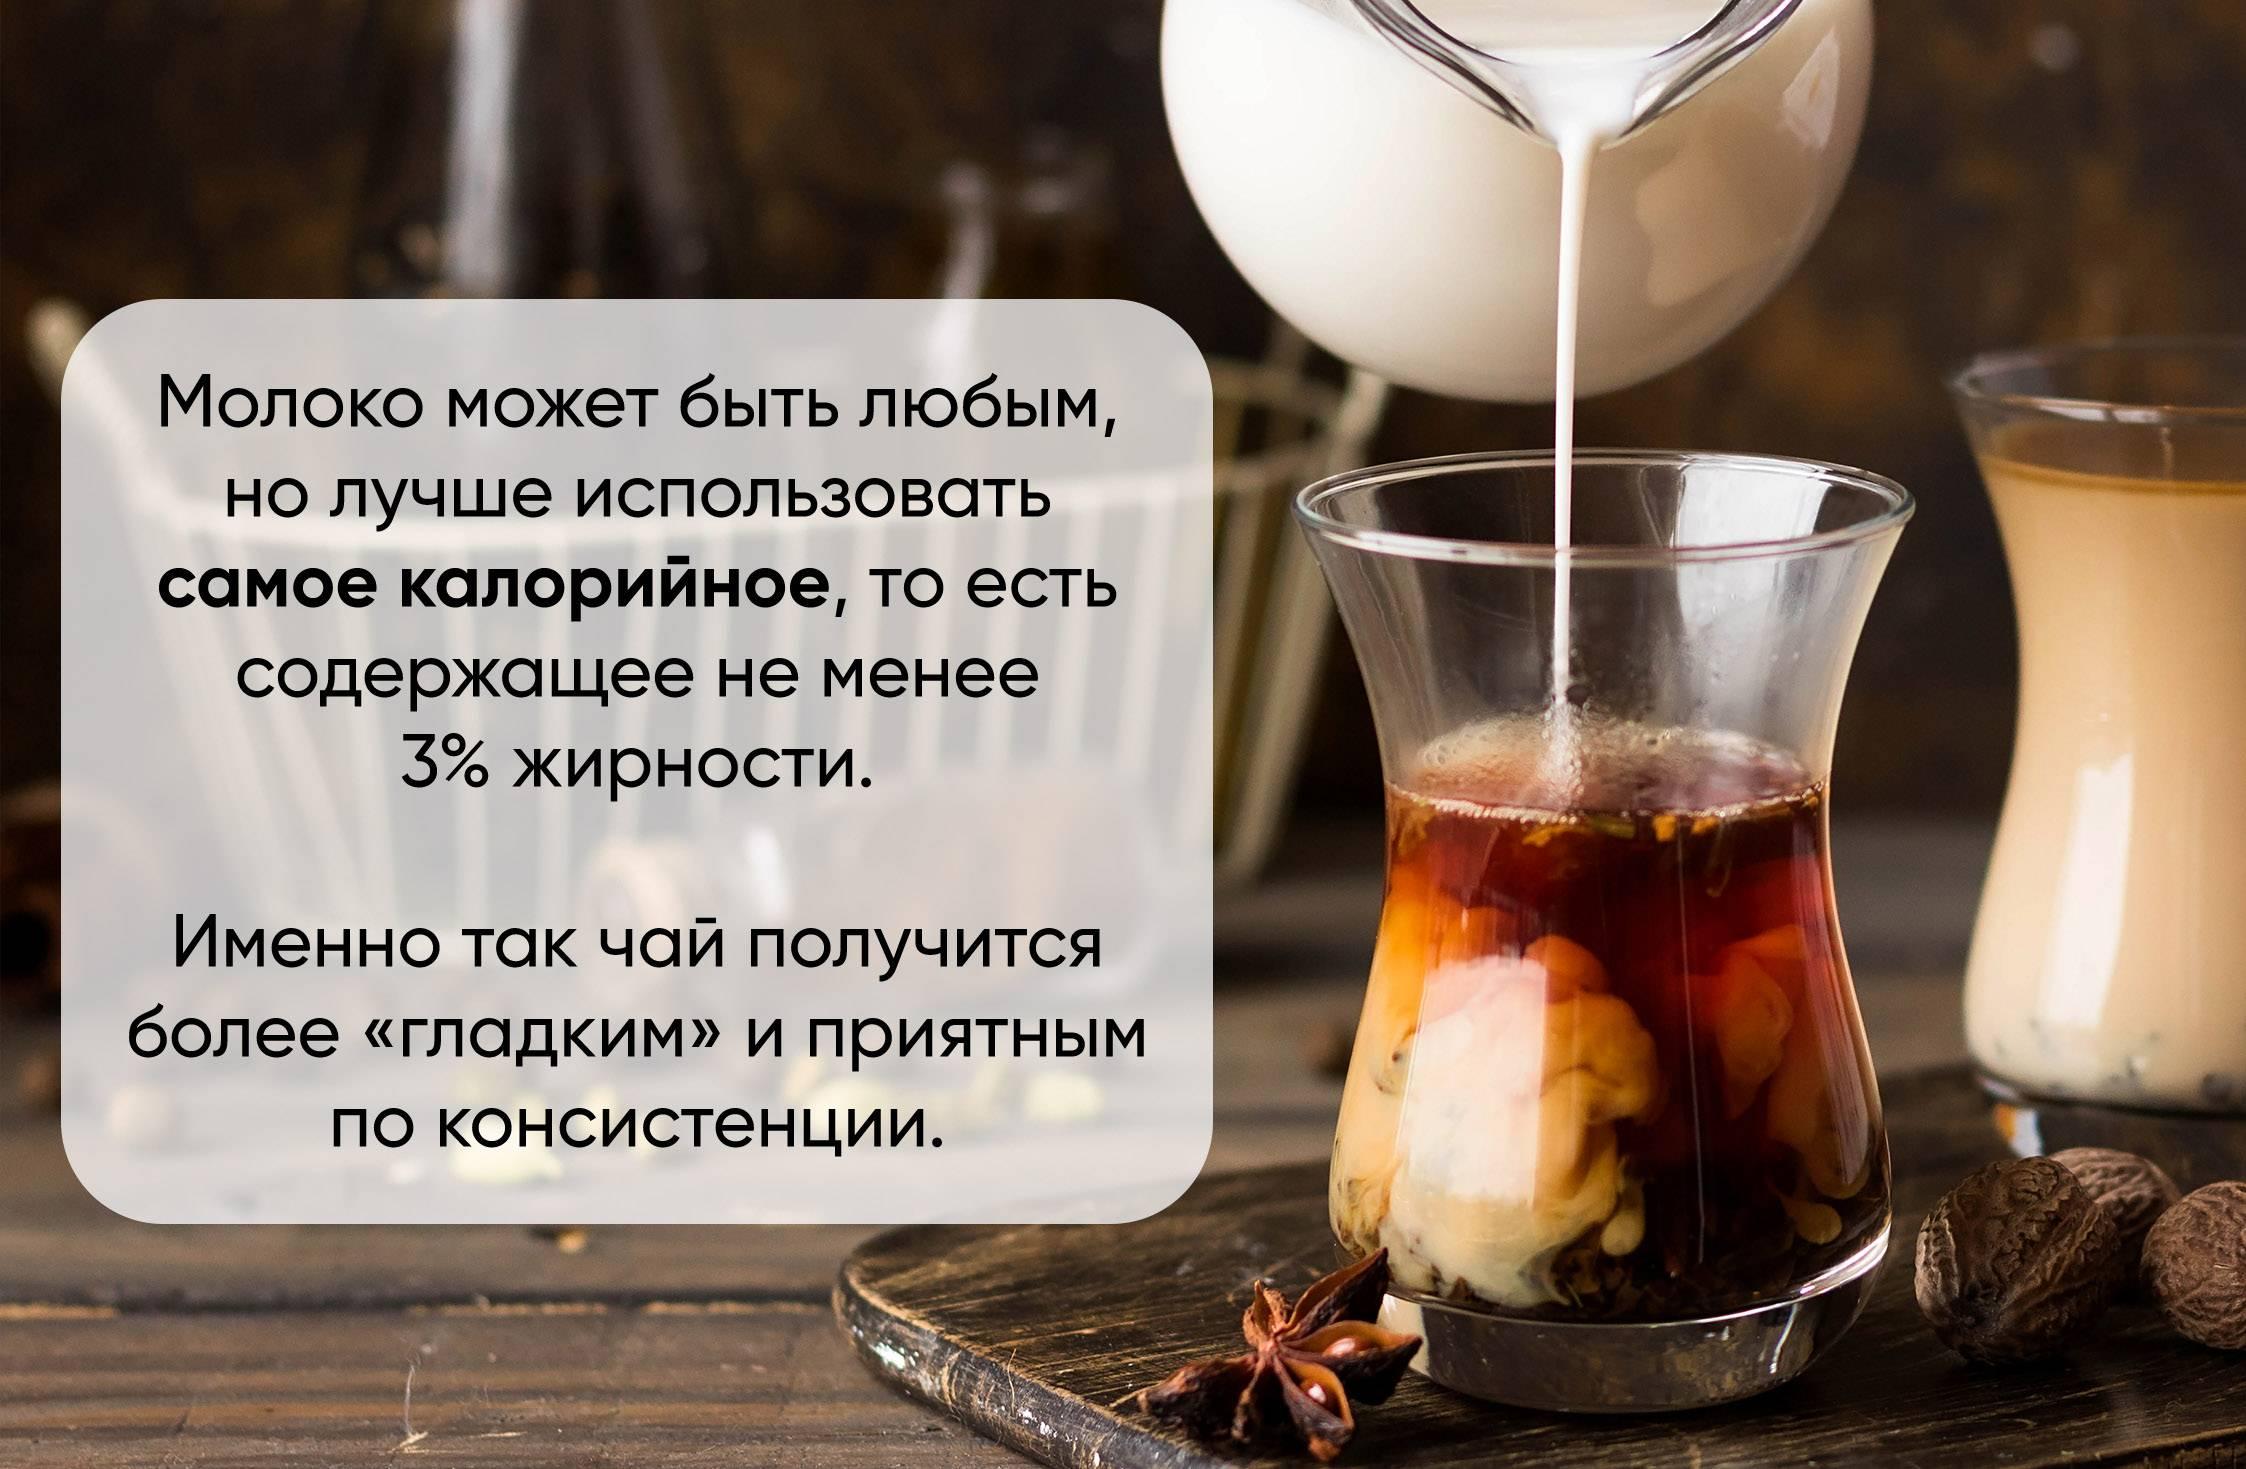 Чай масала на молоке и воде со специями и сахаром рецепт с фото пошагово - 1000.menu